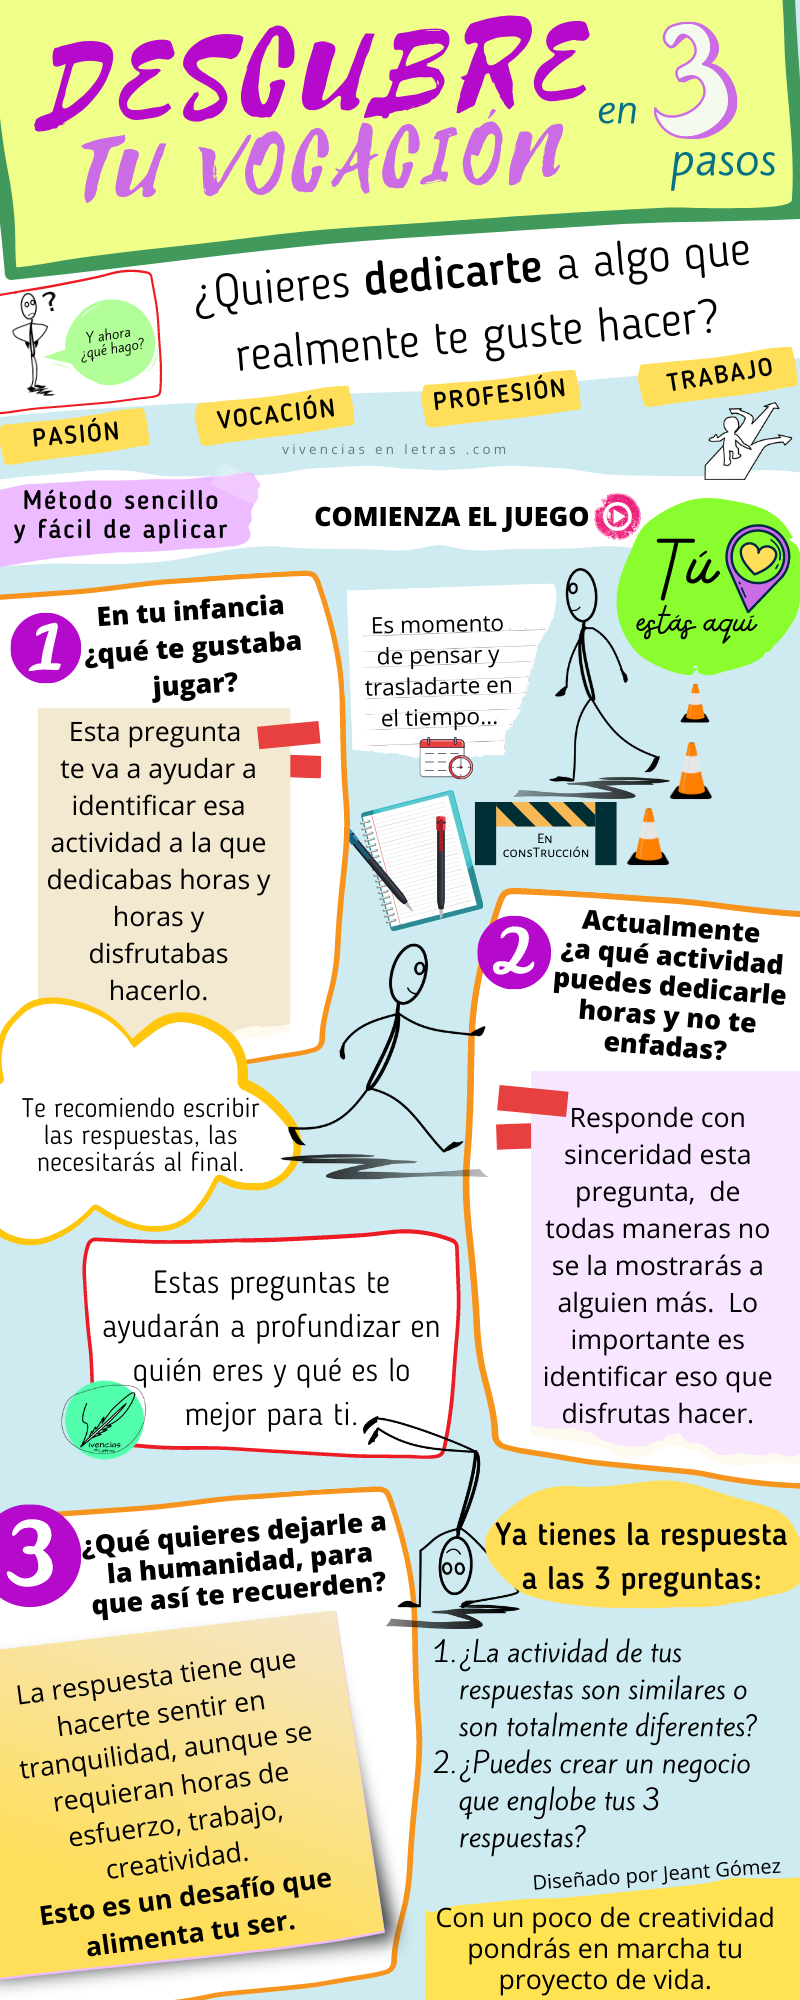 Infografía sobre como descubrir la vocación